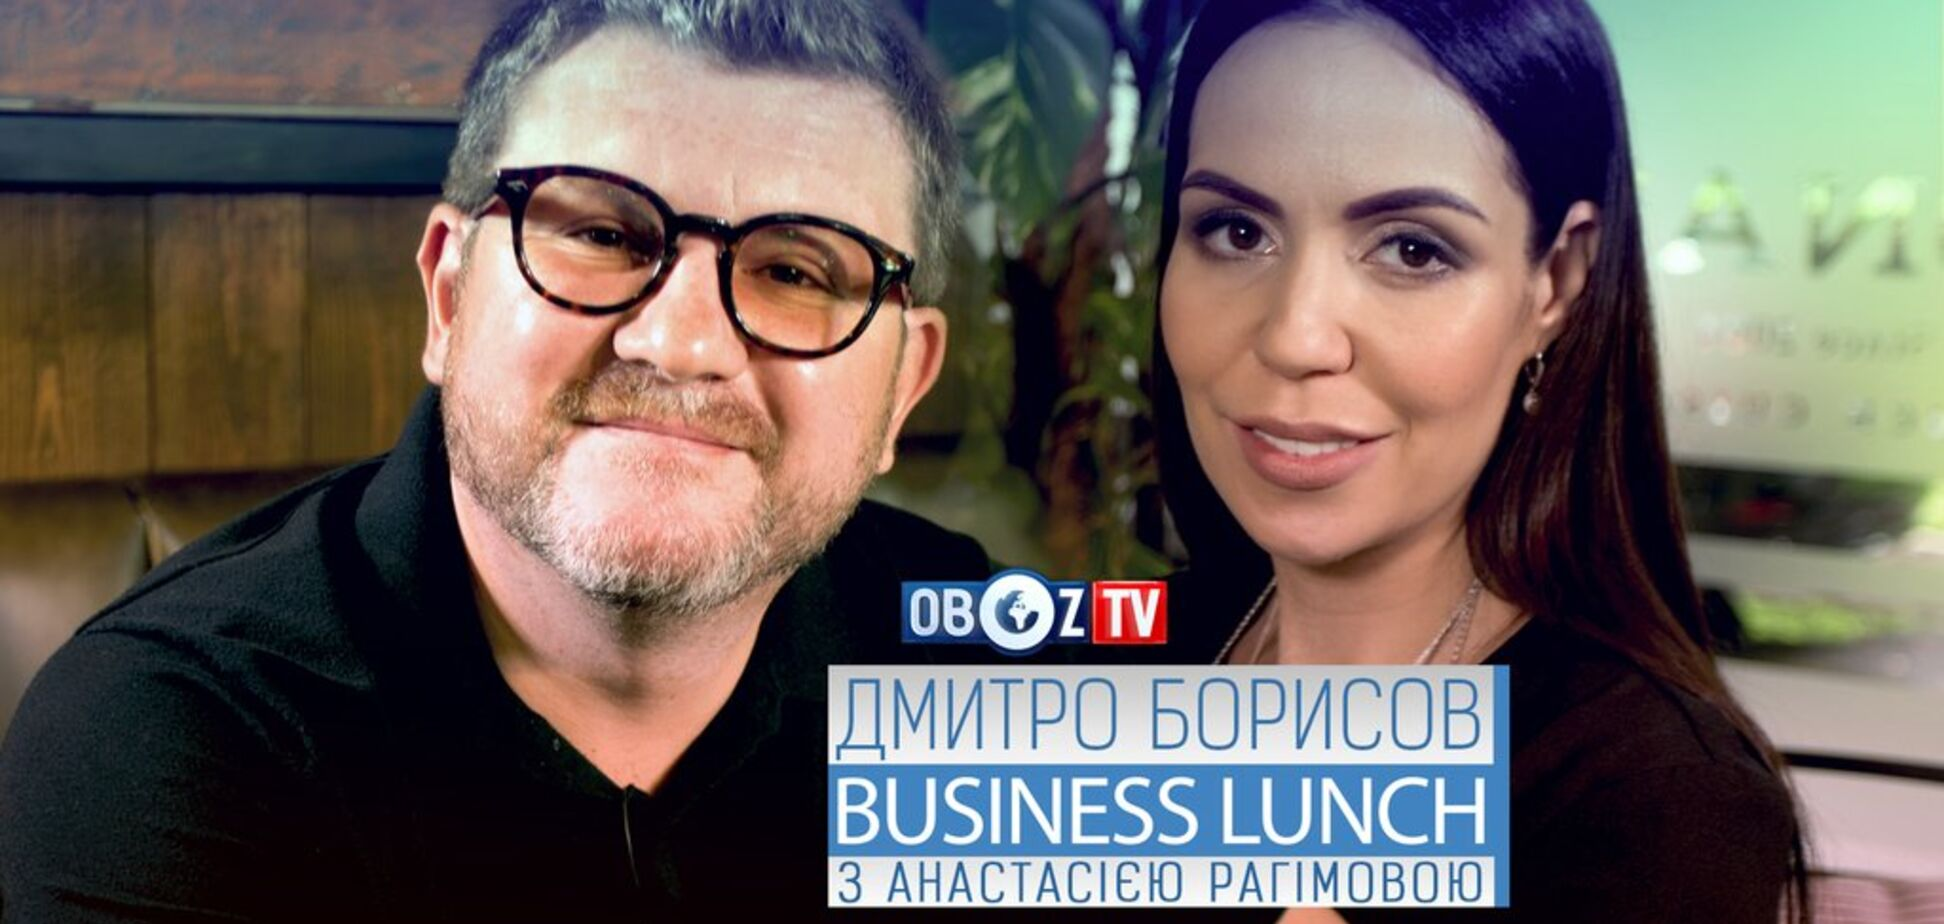 Дмитрий Борисов | Business Lunch с Анастасией Рагимовой